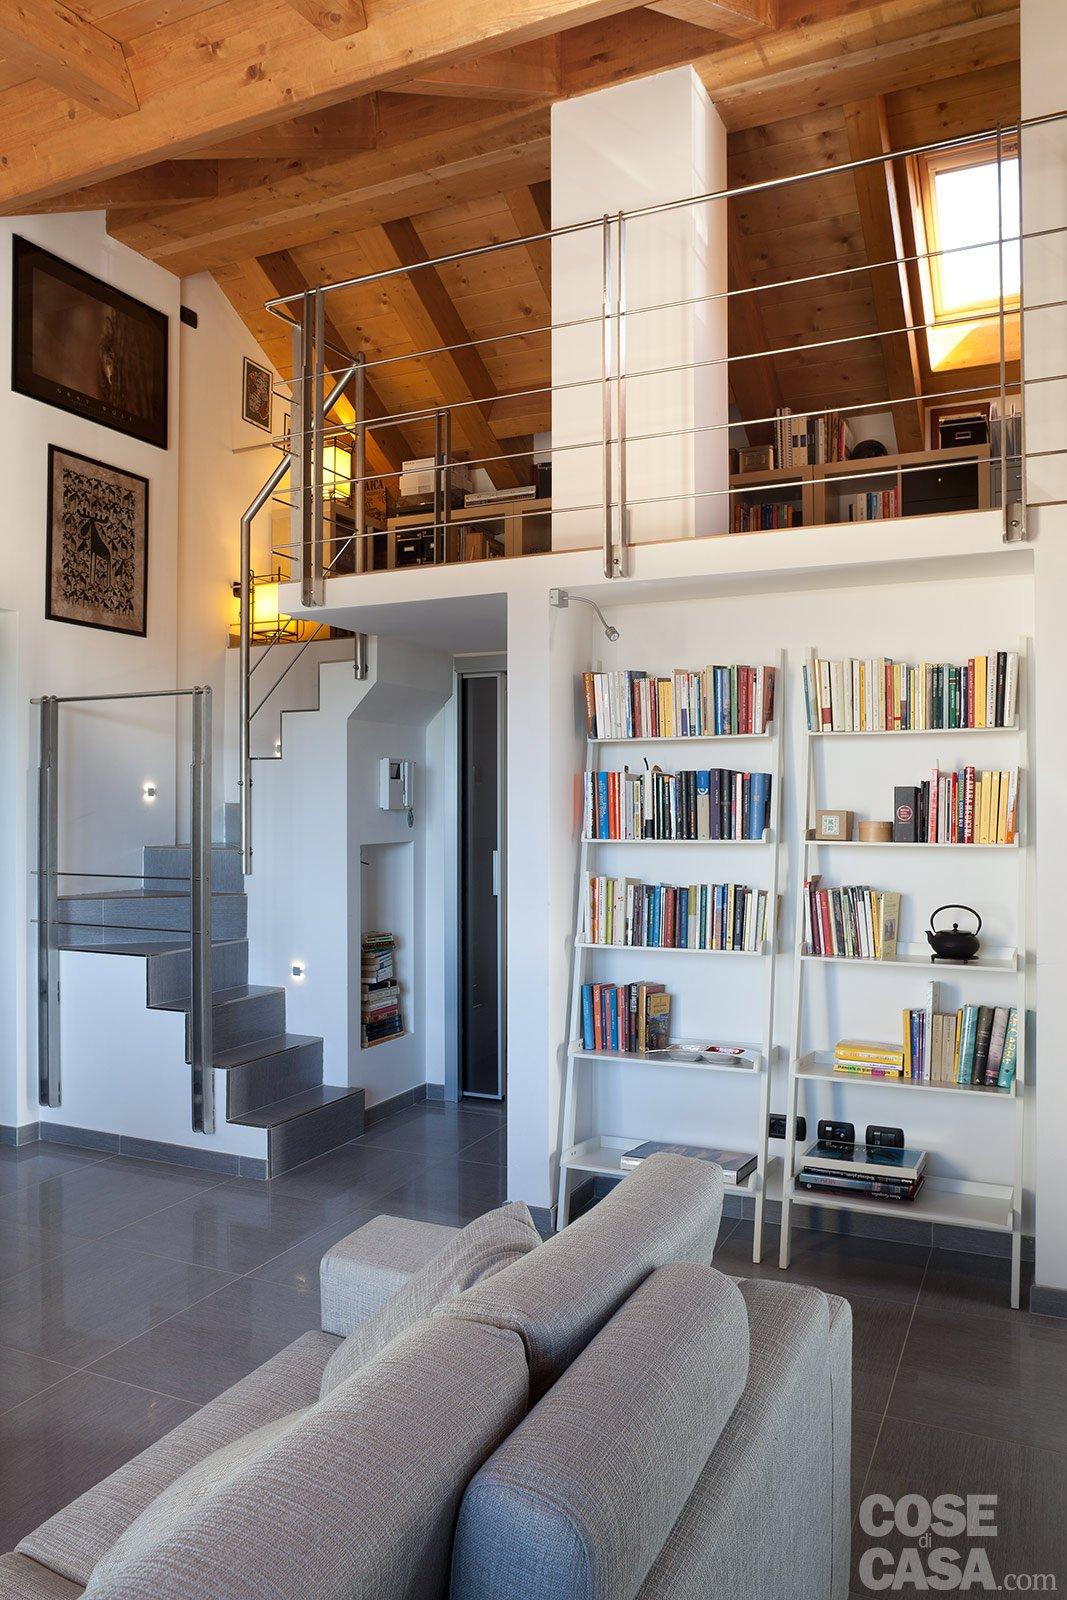 Casabook immobiliare marzo 2014 for Piani casa sul tetto di bassa altezza